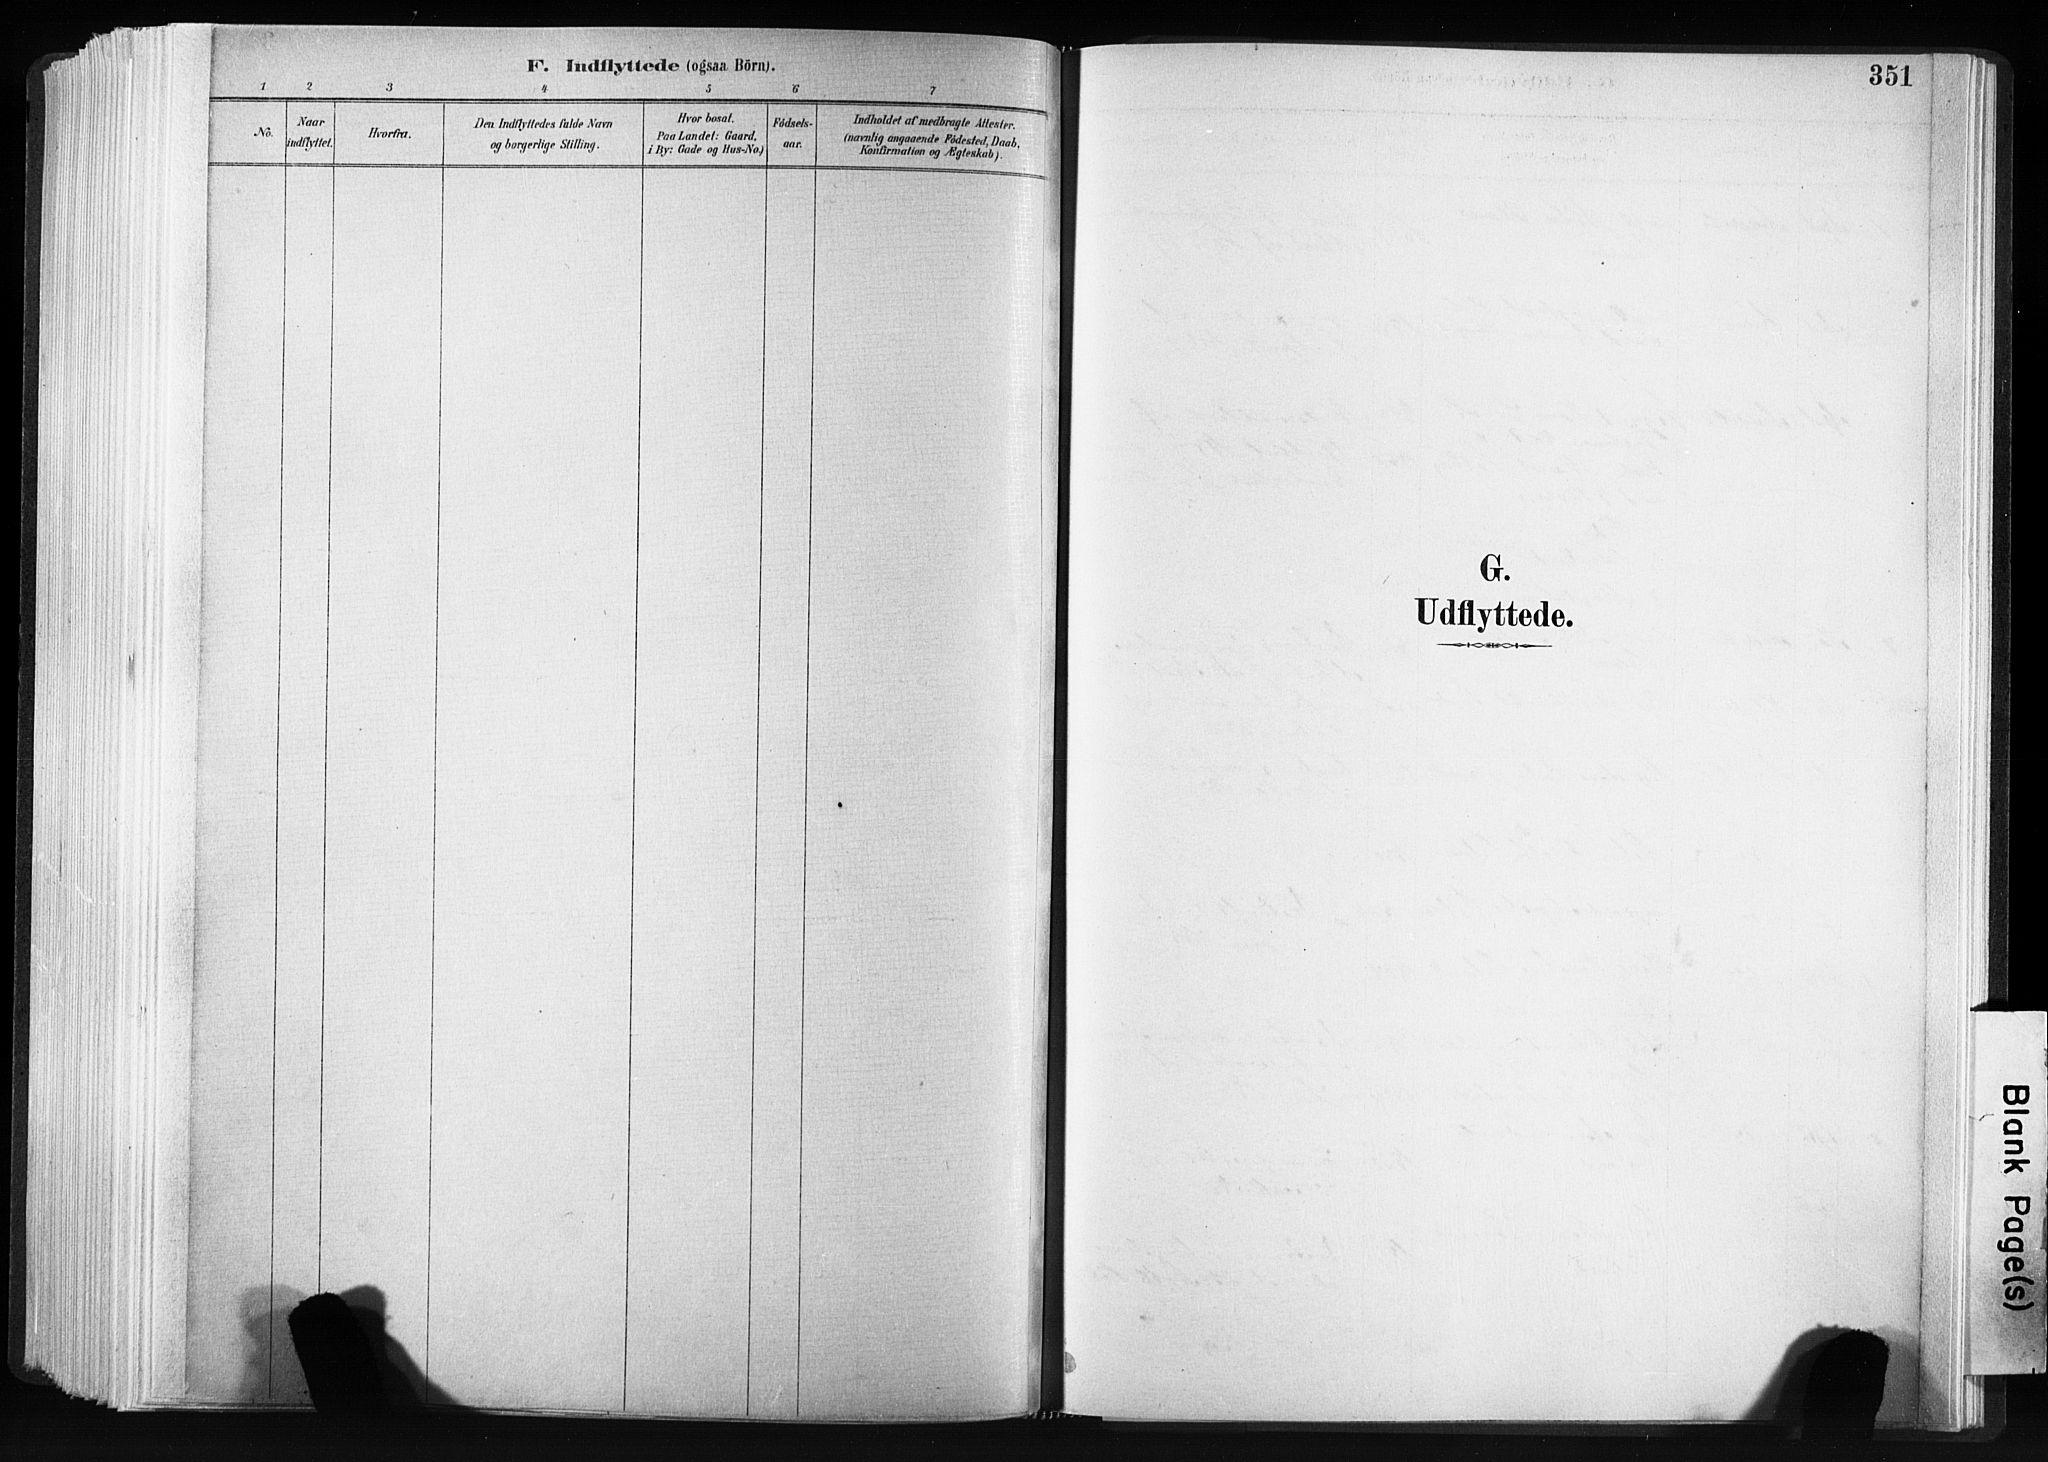 SAT, Ministerialprotokoller, klokkerbøker og fødselsregistre - Sør-Trøndelag, 606/L0300: Ministerialbok nr. 606A15, 1886-1893, s. 351